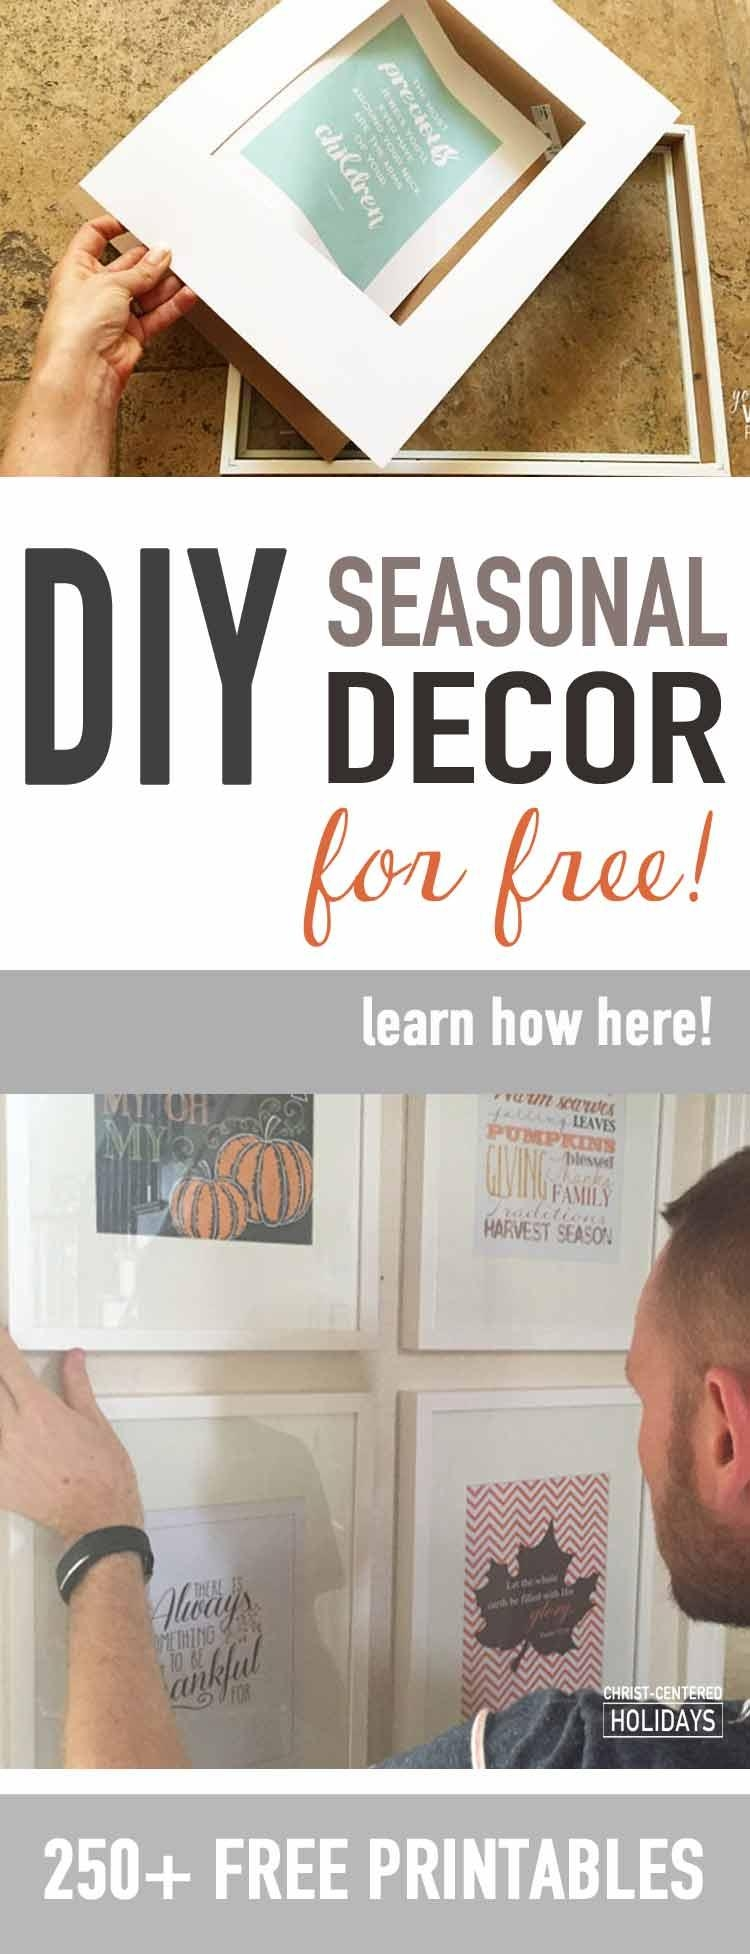 30 Free Christmas Wall Art Printables (Seasonal Home Decor Intended For Seasonal Wall Art (Image 2 of 20)